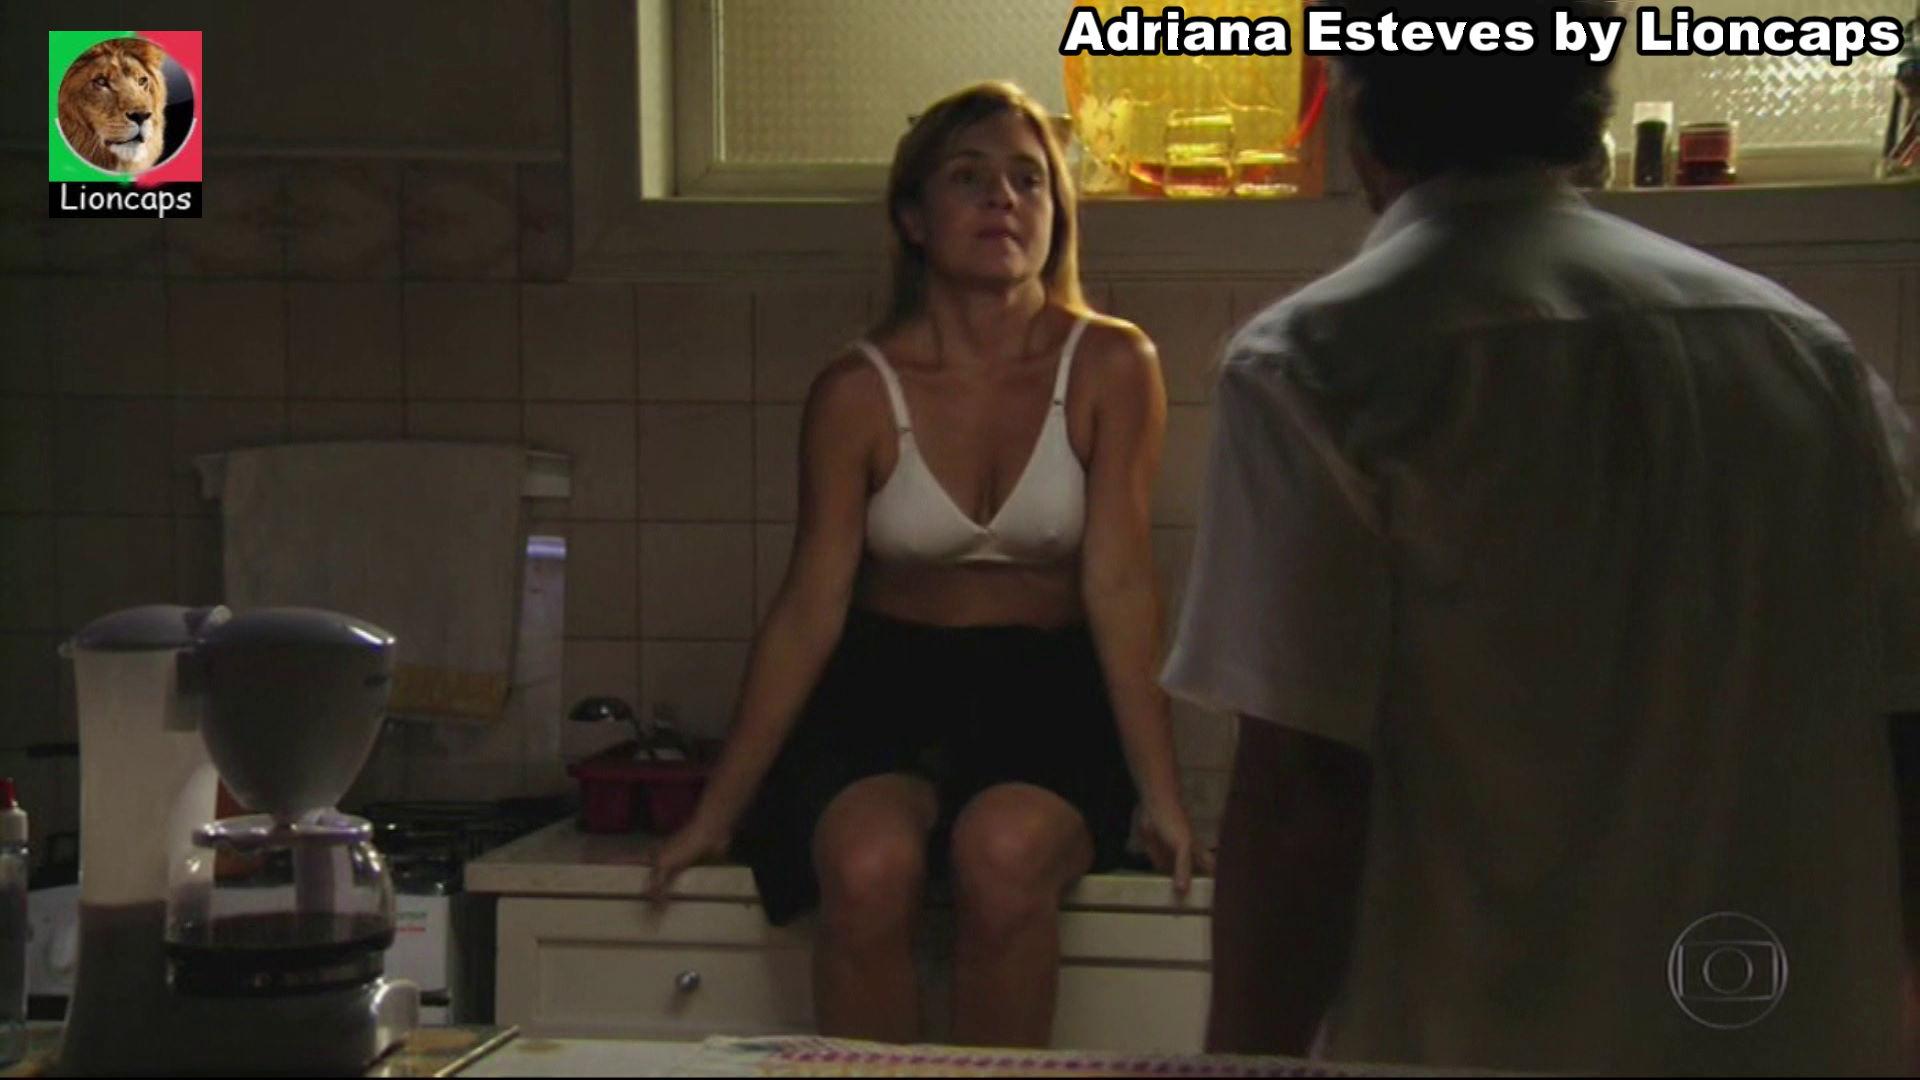 994452350_adriana_esteves_vs181228_0122_122_410lo.JPG